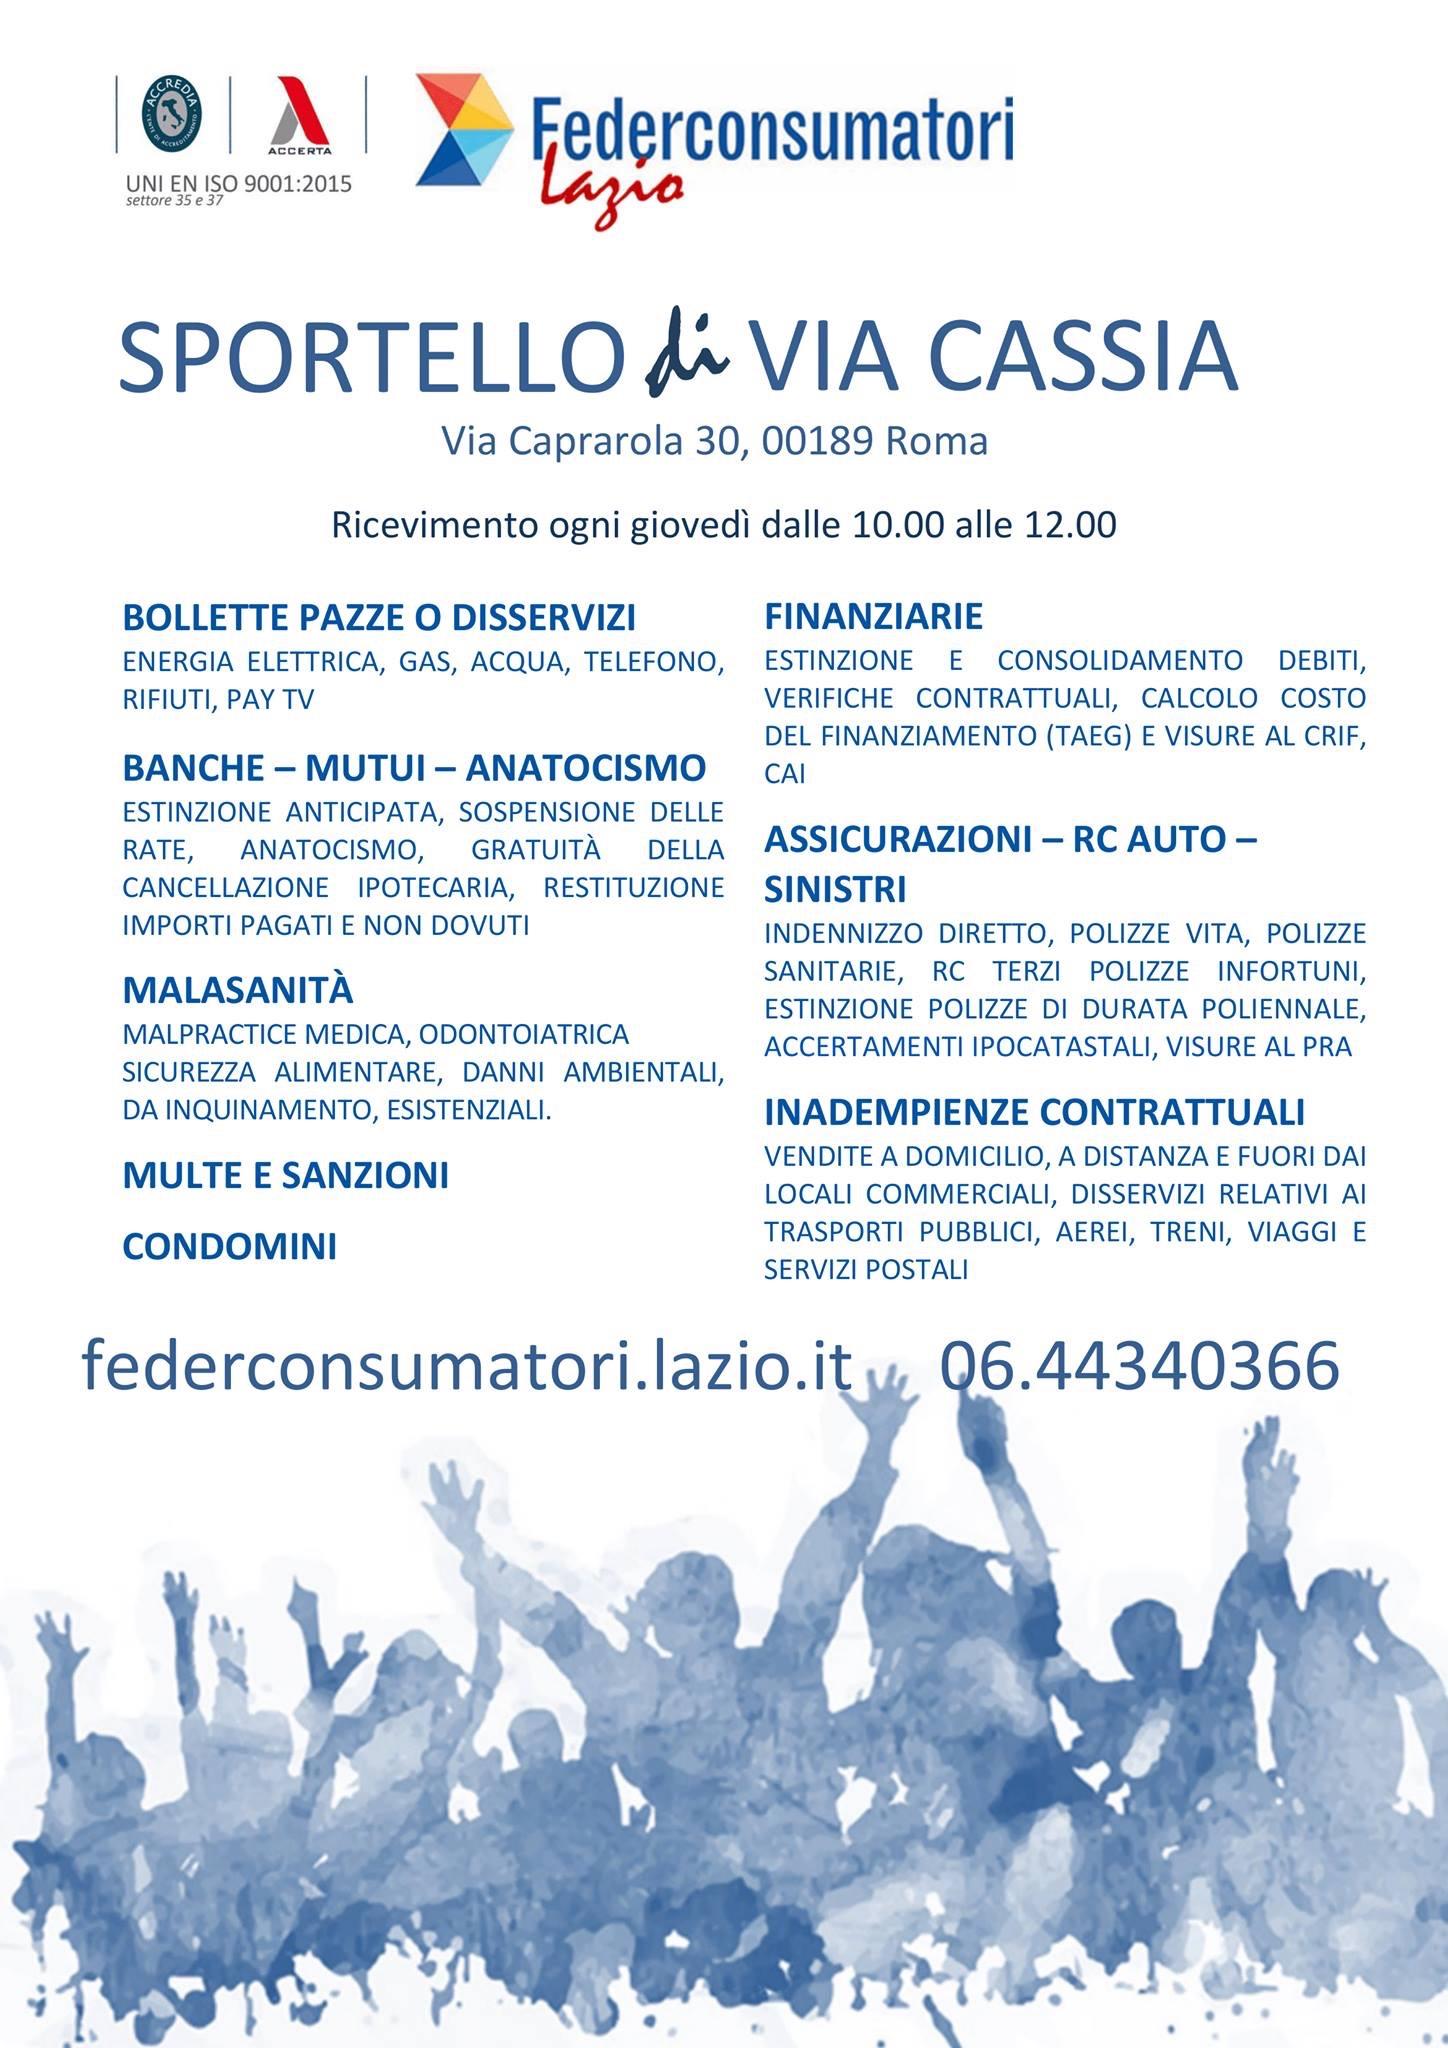 federconsumatori Cassia